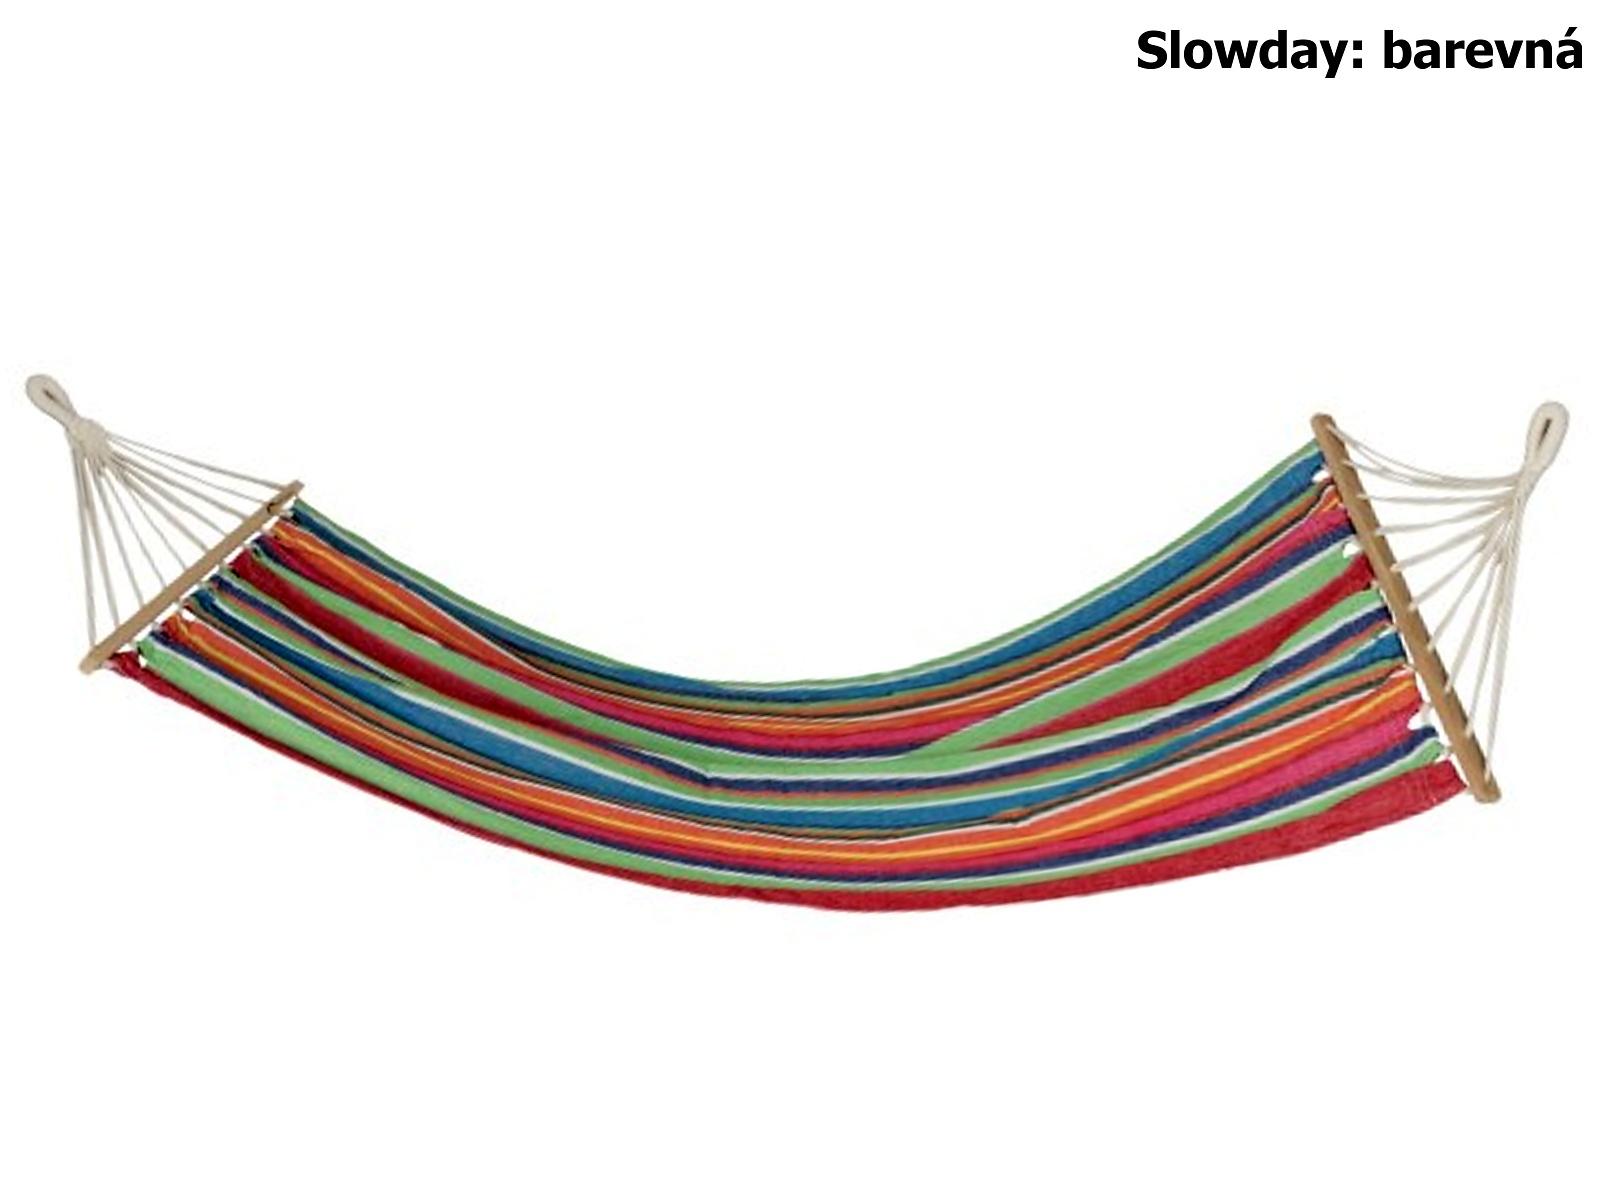 Houpací síť SPOKEY Slowday barevná